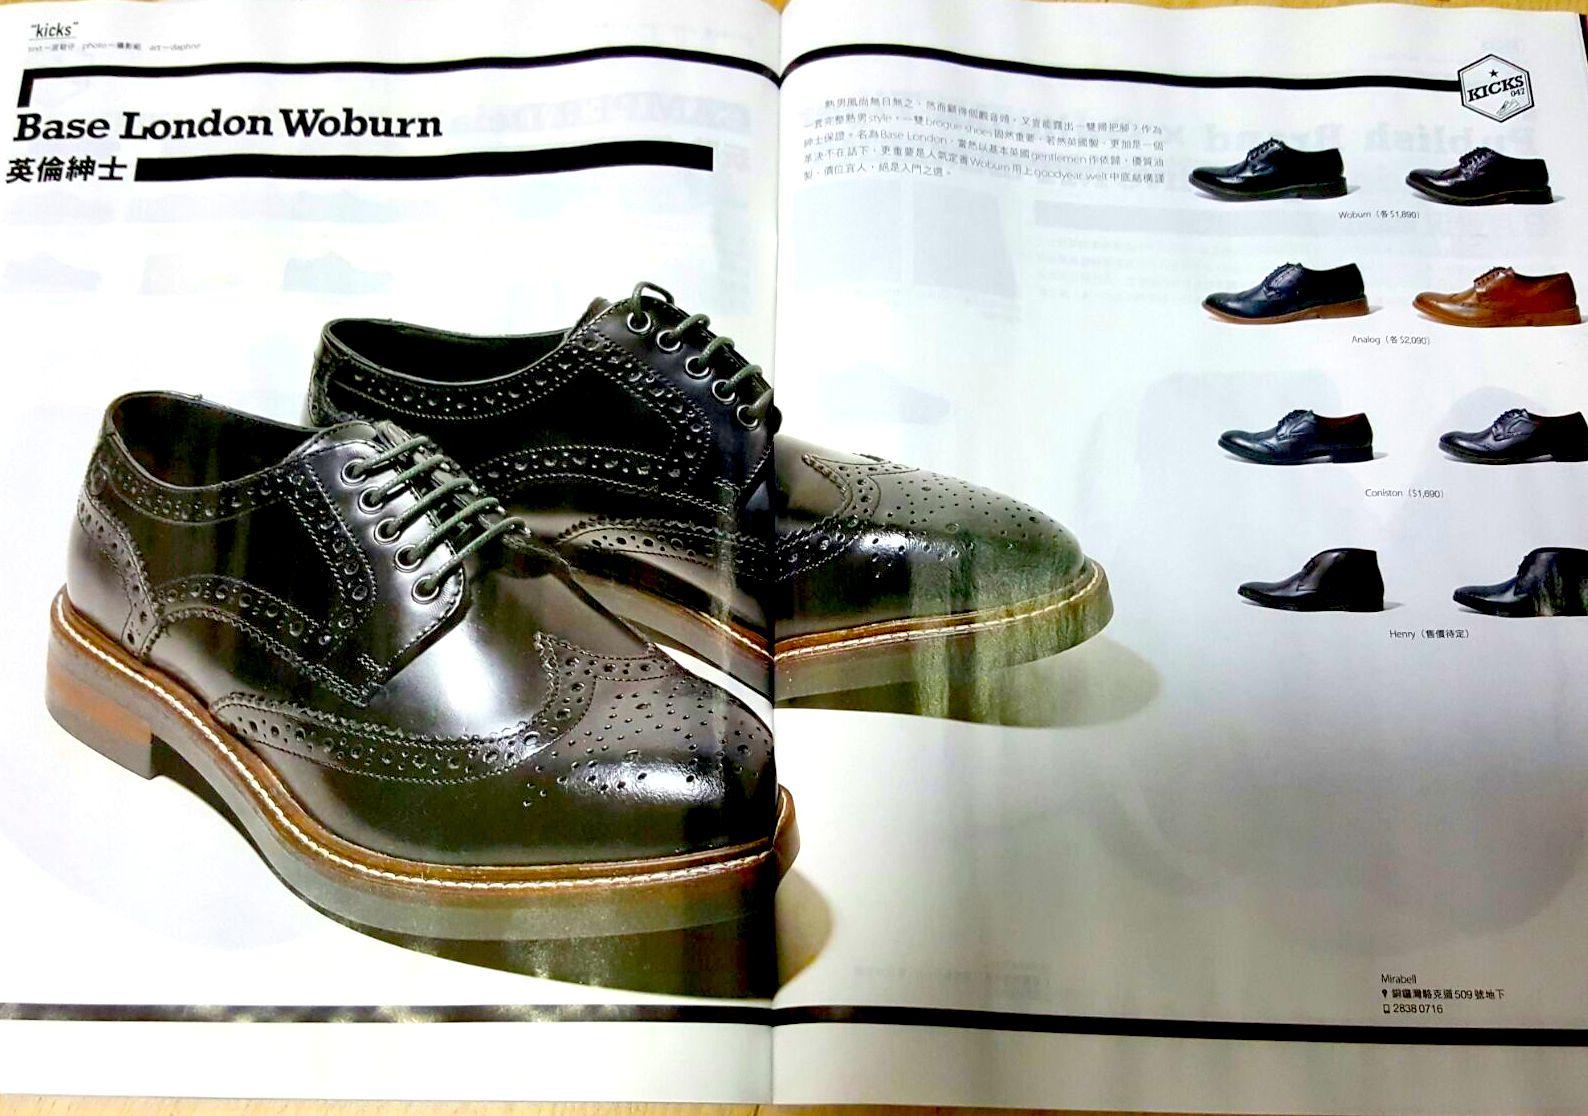 woburn magazzine image1.jpeg